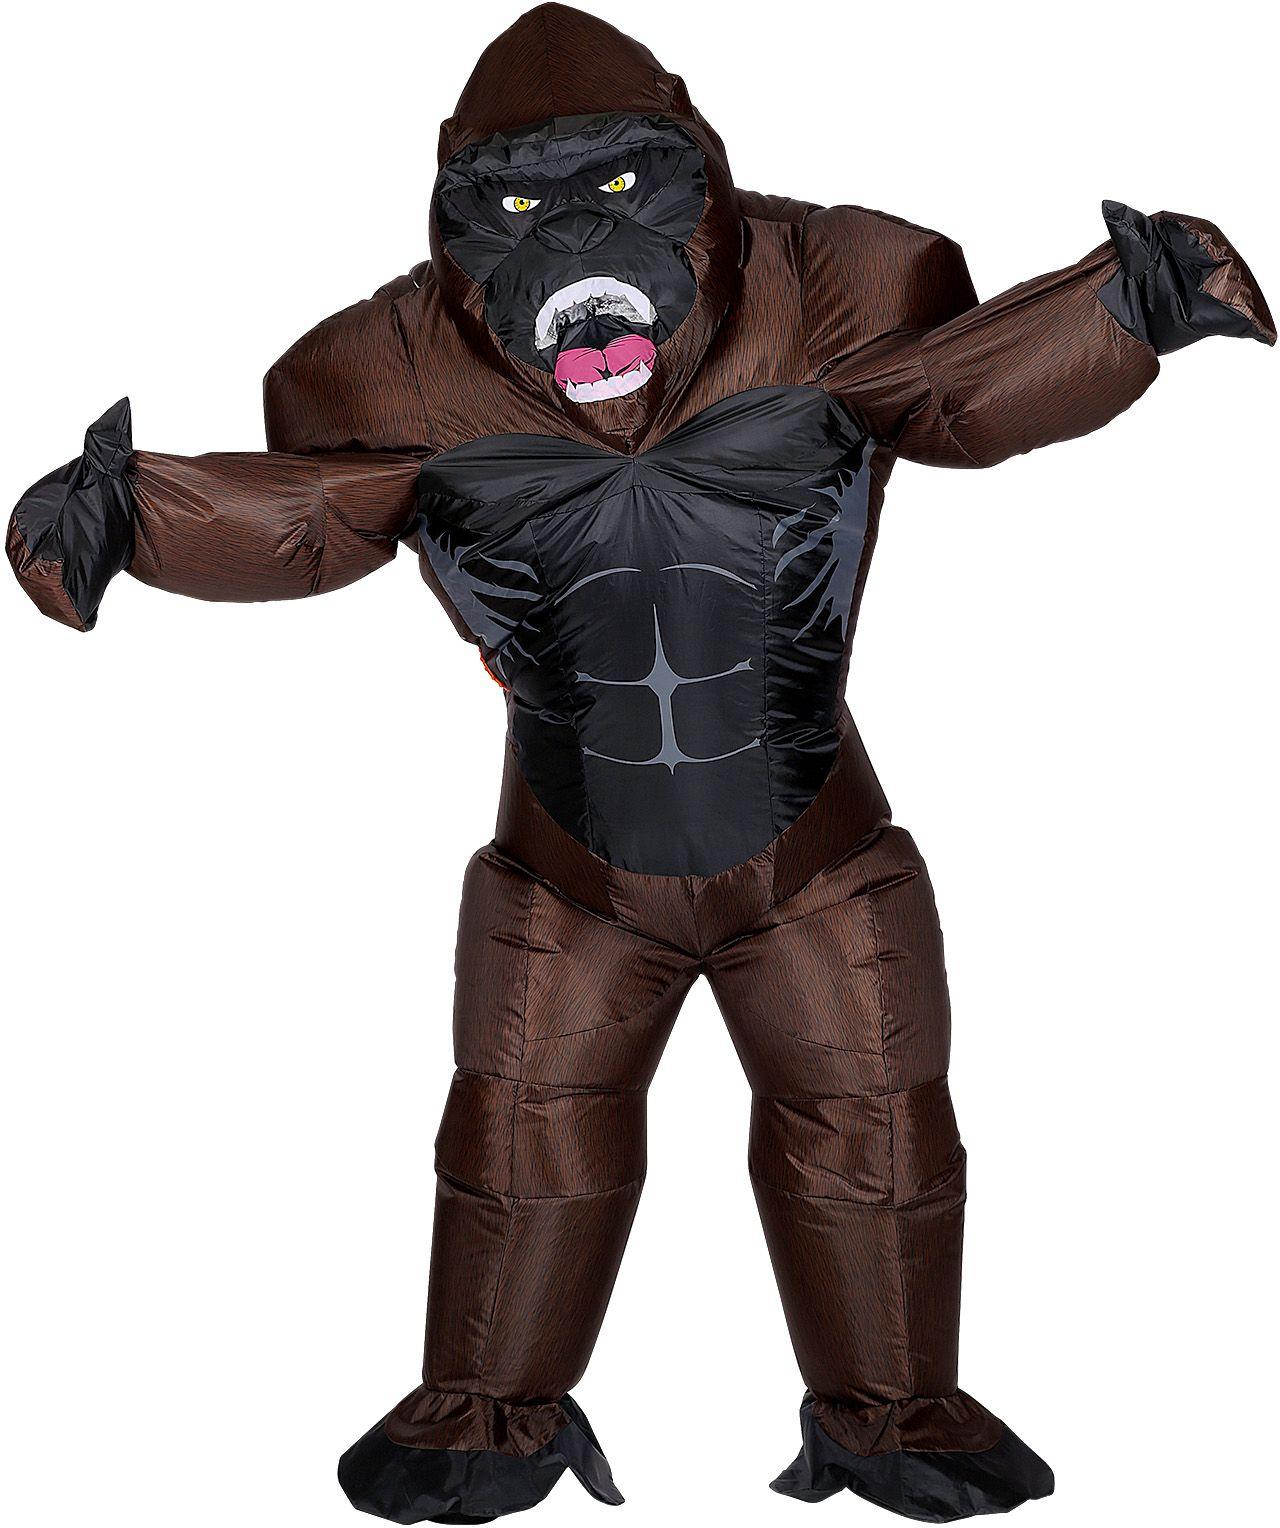 Opblaasbare gorilla outfit